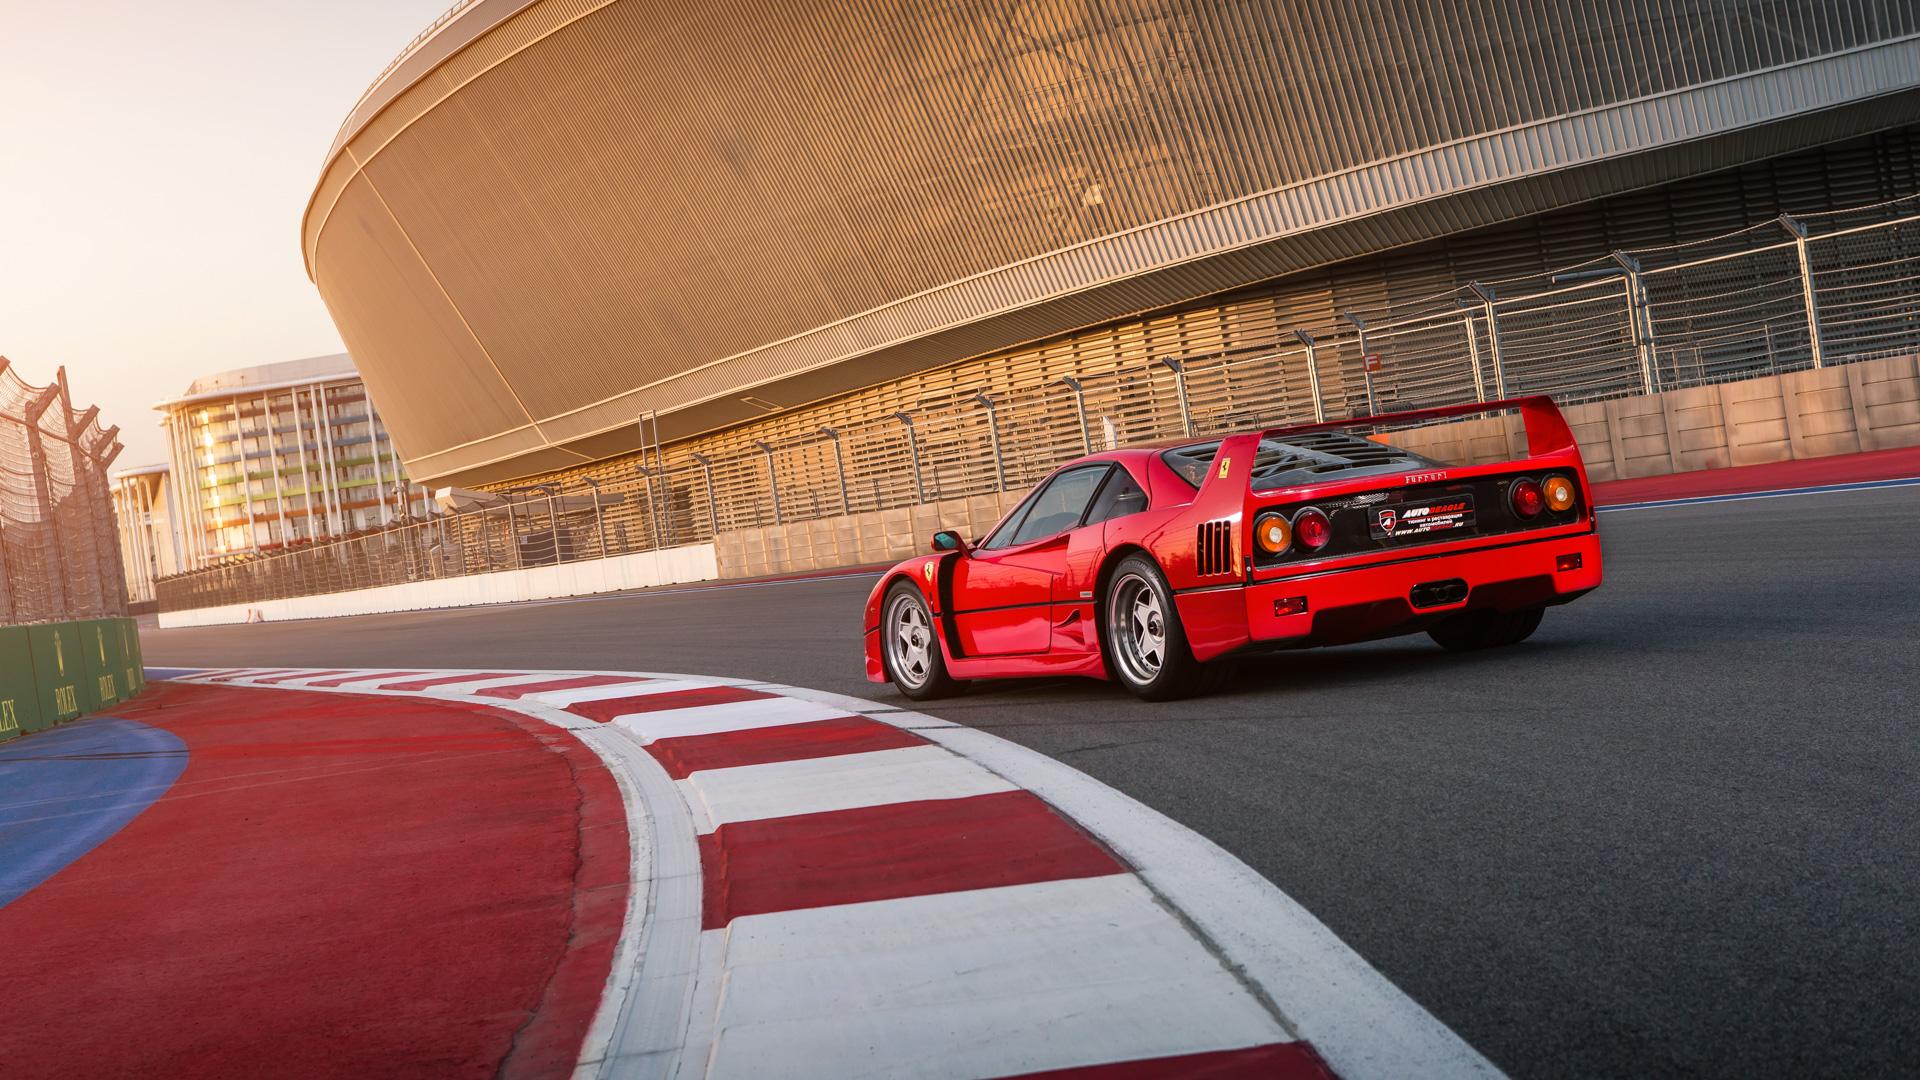 Тест-драйв турбо-Ferrari прошлого инастоящего. Часть вторая: Ferrari F40. Фото 3